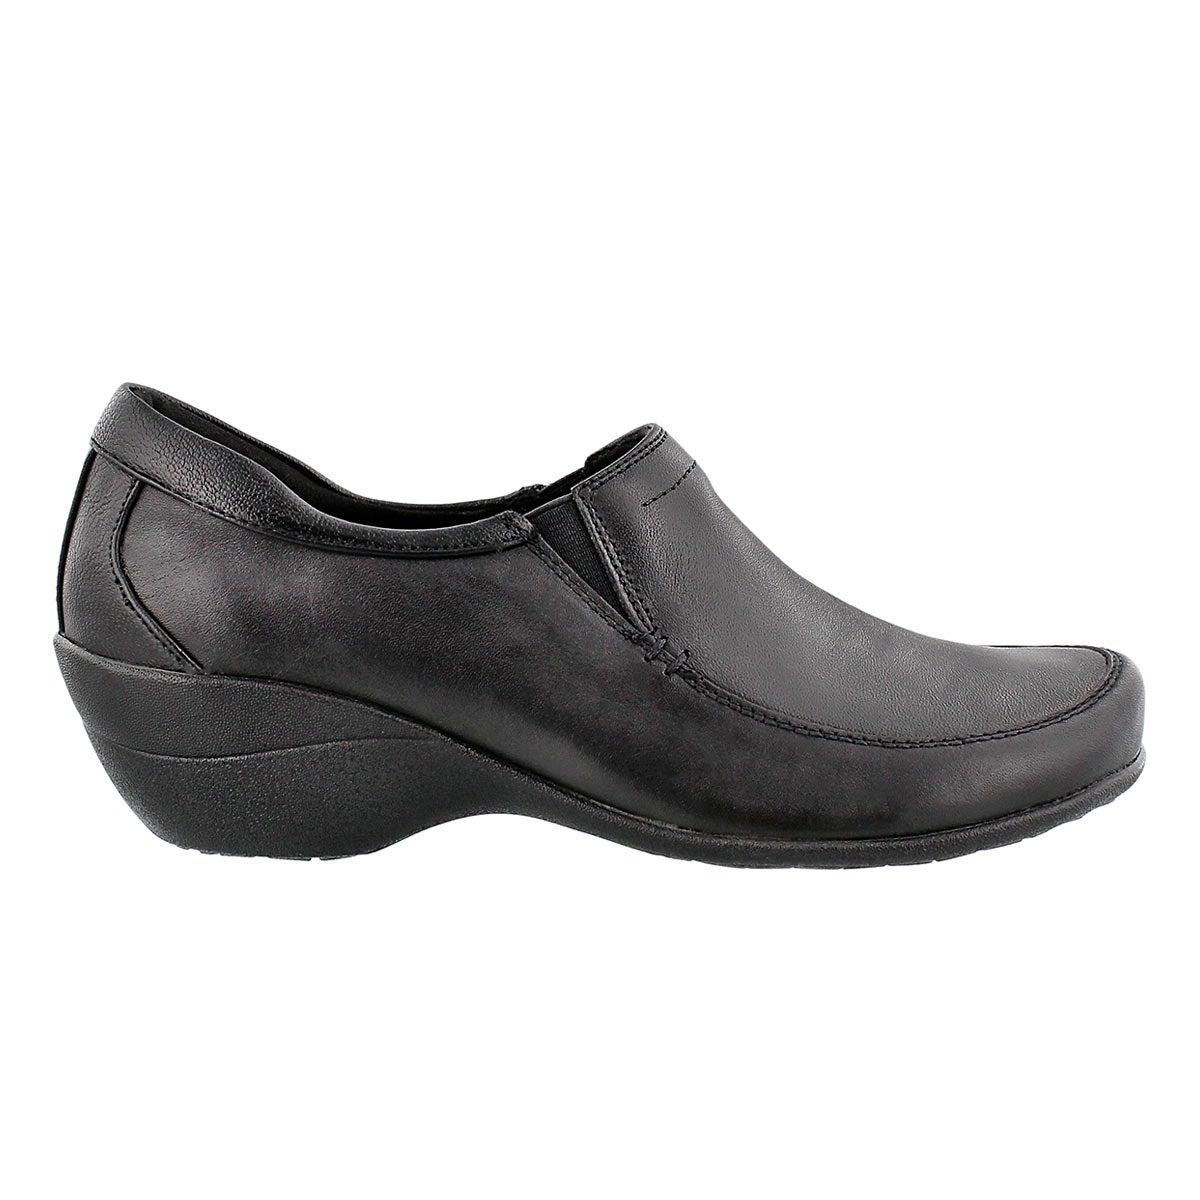 Chaussures Tabatha Kana, noir, fem